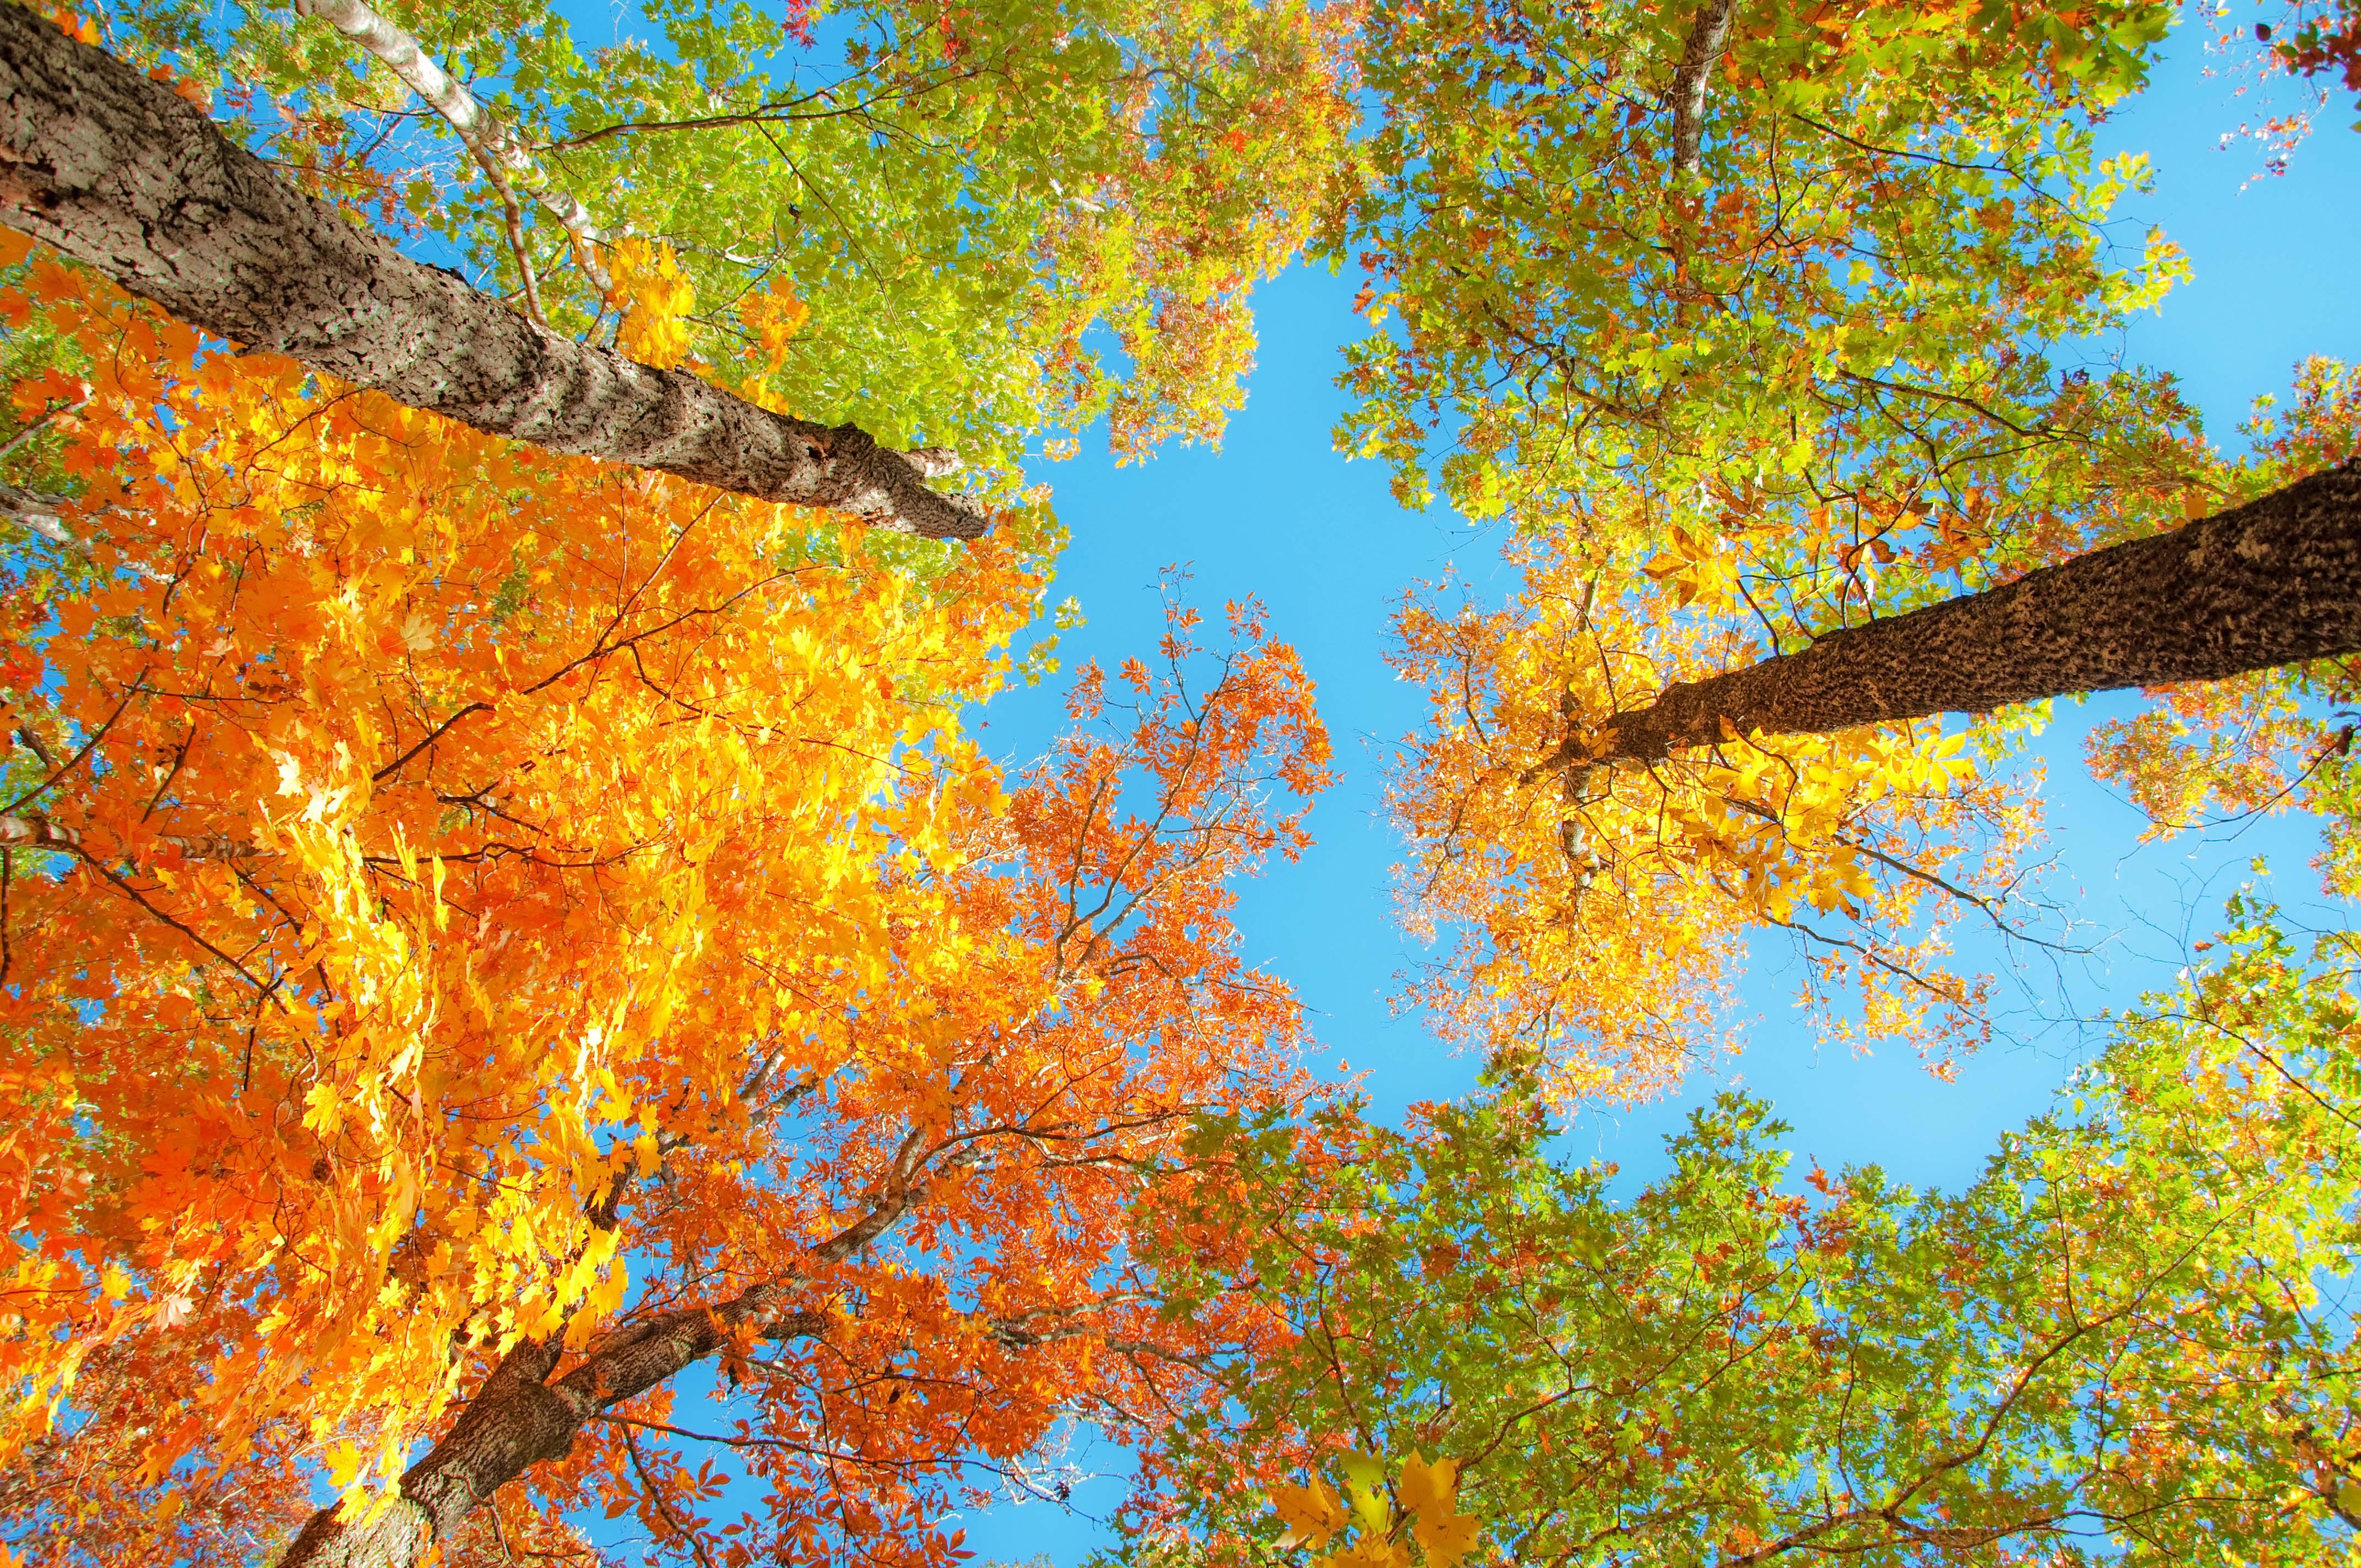 Fall Foliage Desktop Wallpapers   PixelsTalk.Net